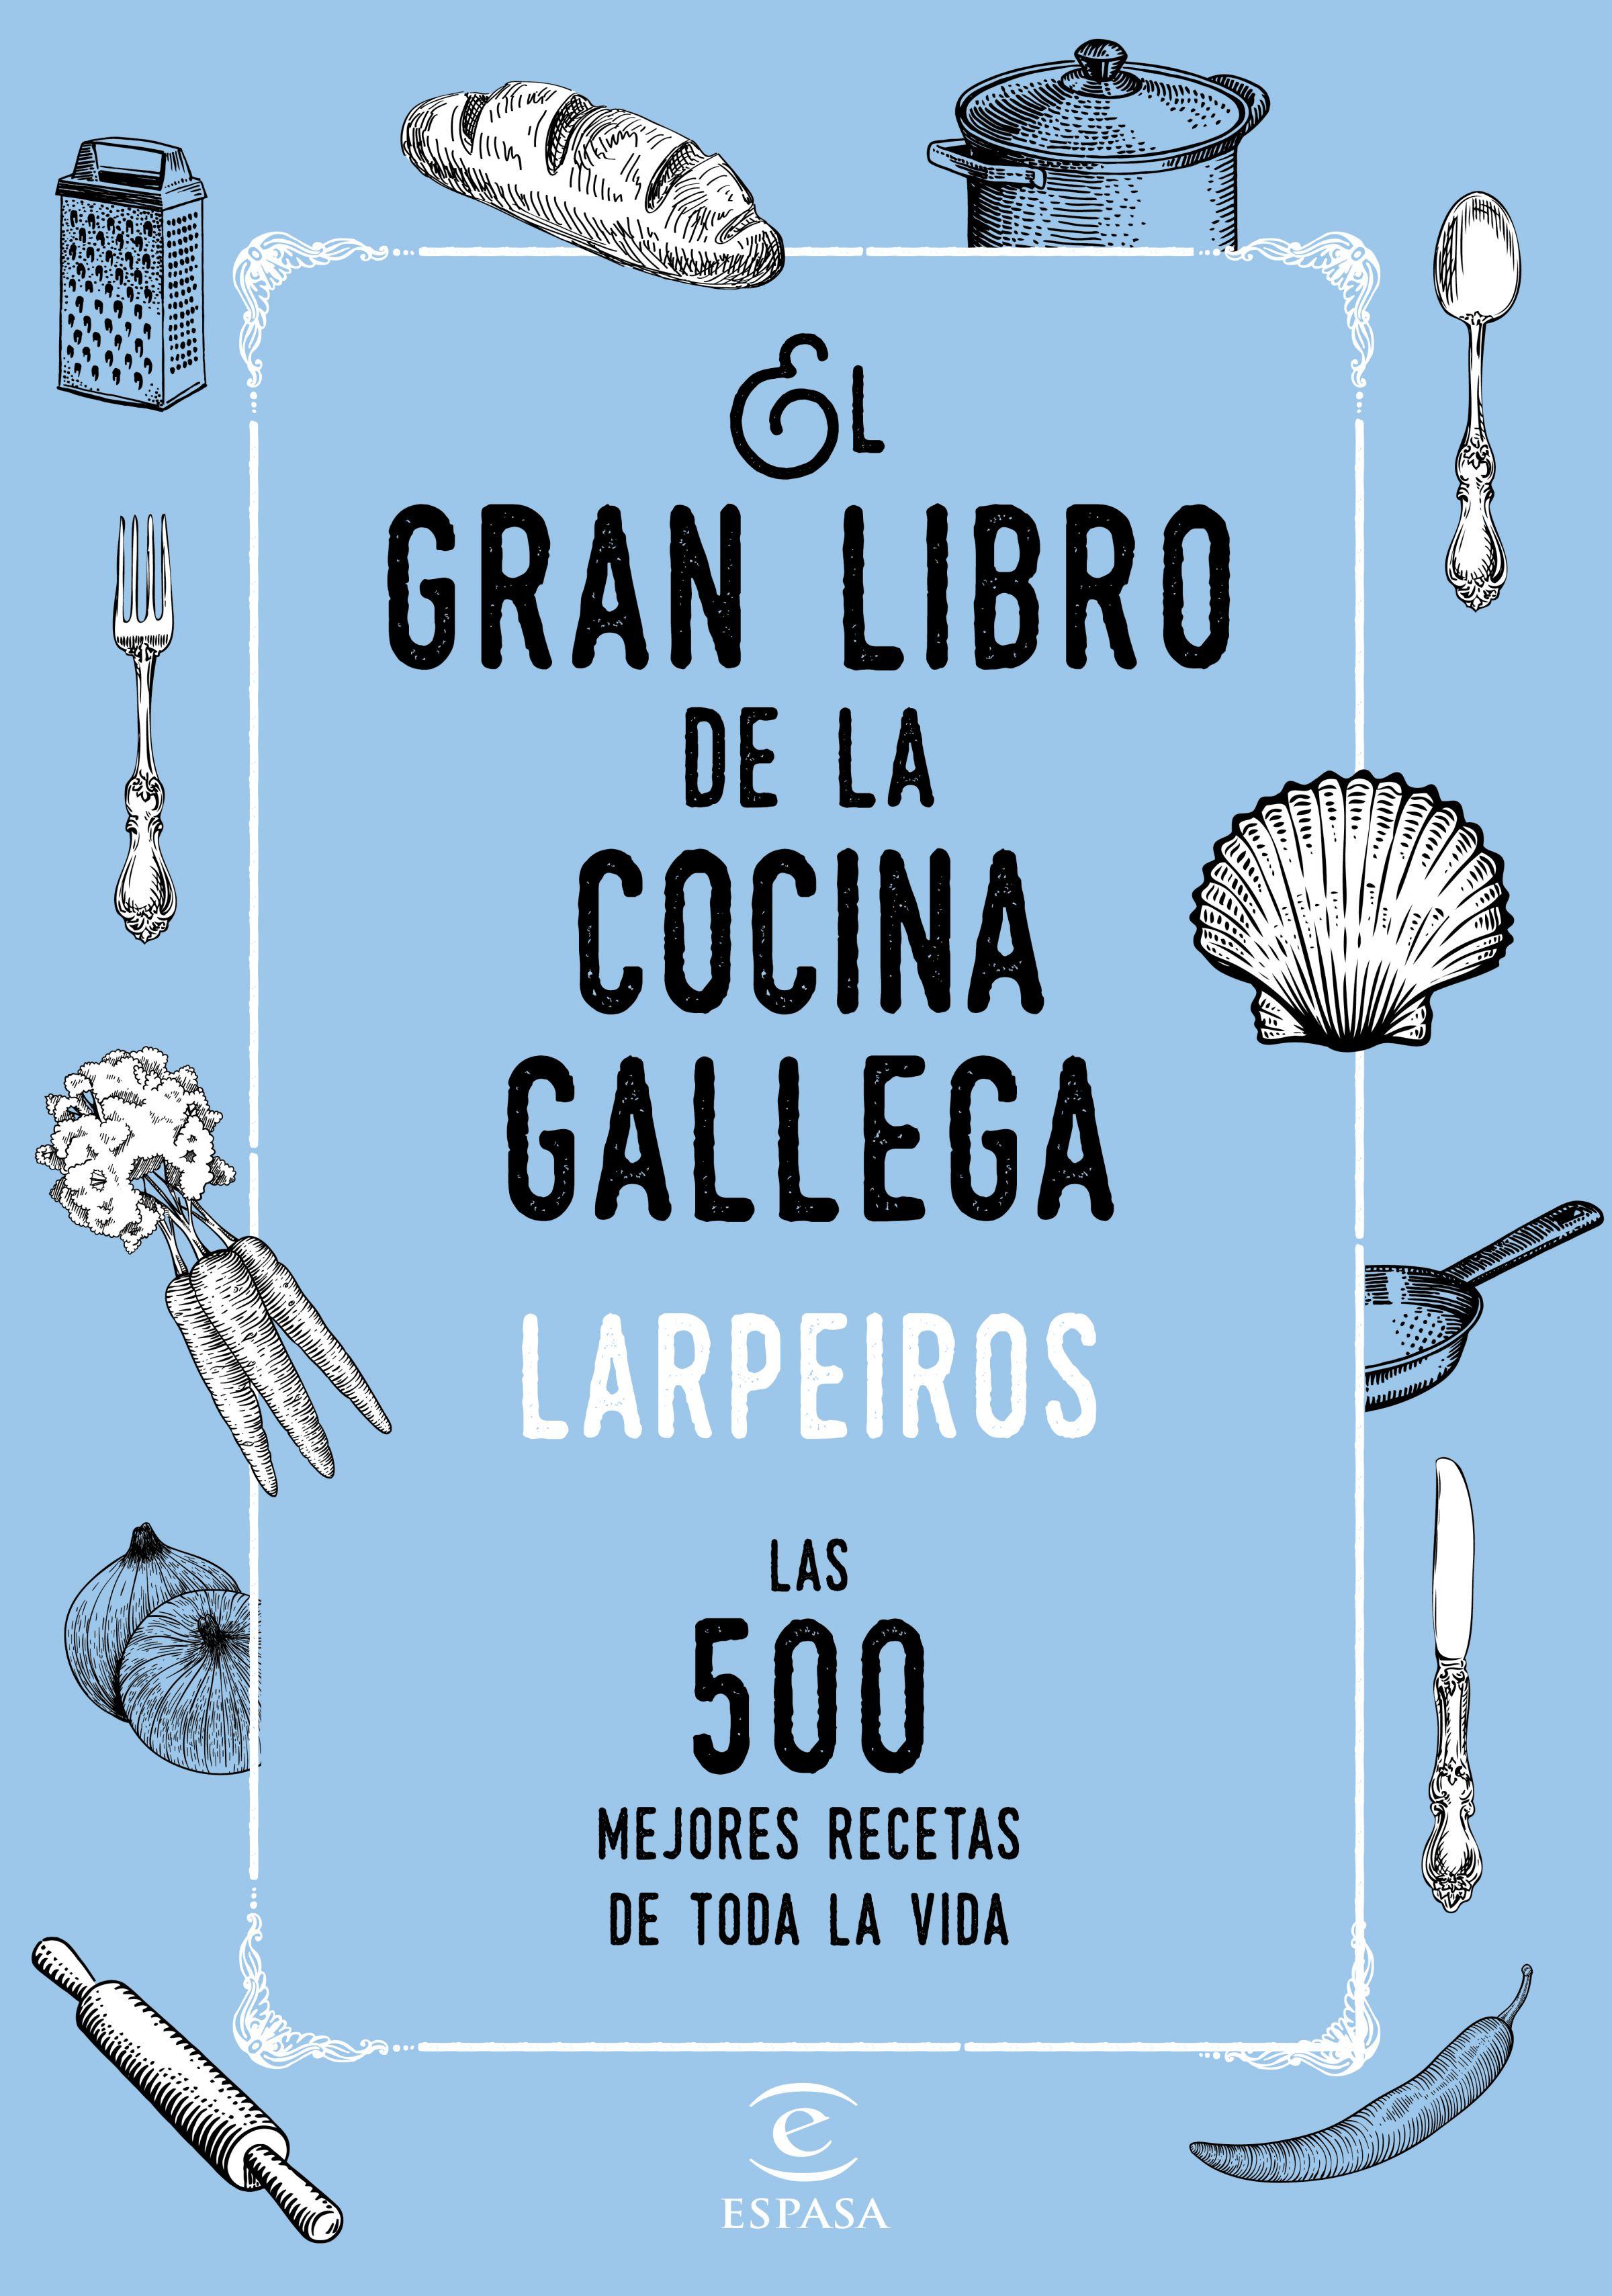 El gran libro de la cocina gallega | Planeta de Libros